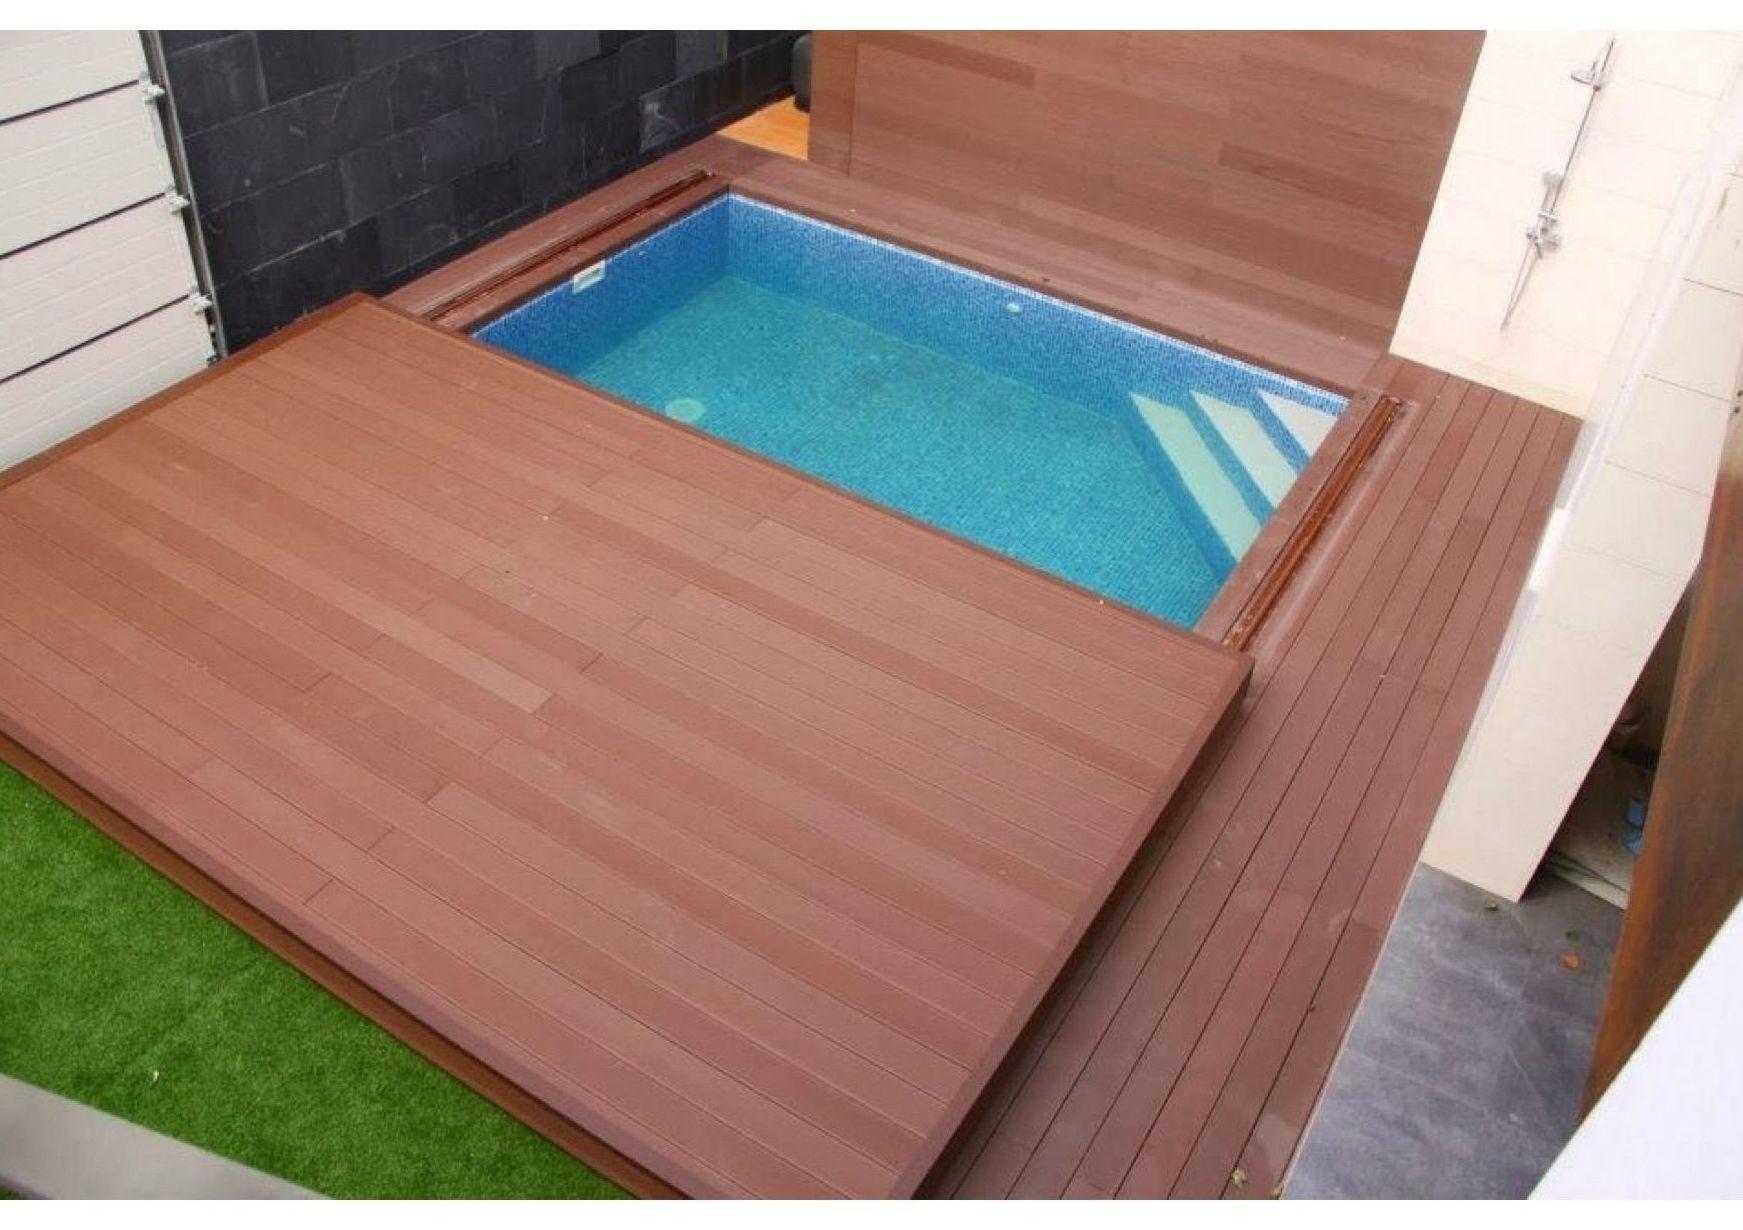 Foto 11 de Instalación de piscinas  en España | Piscinas Castilla - Construcción y Rehabilitación